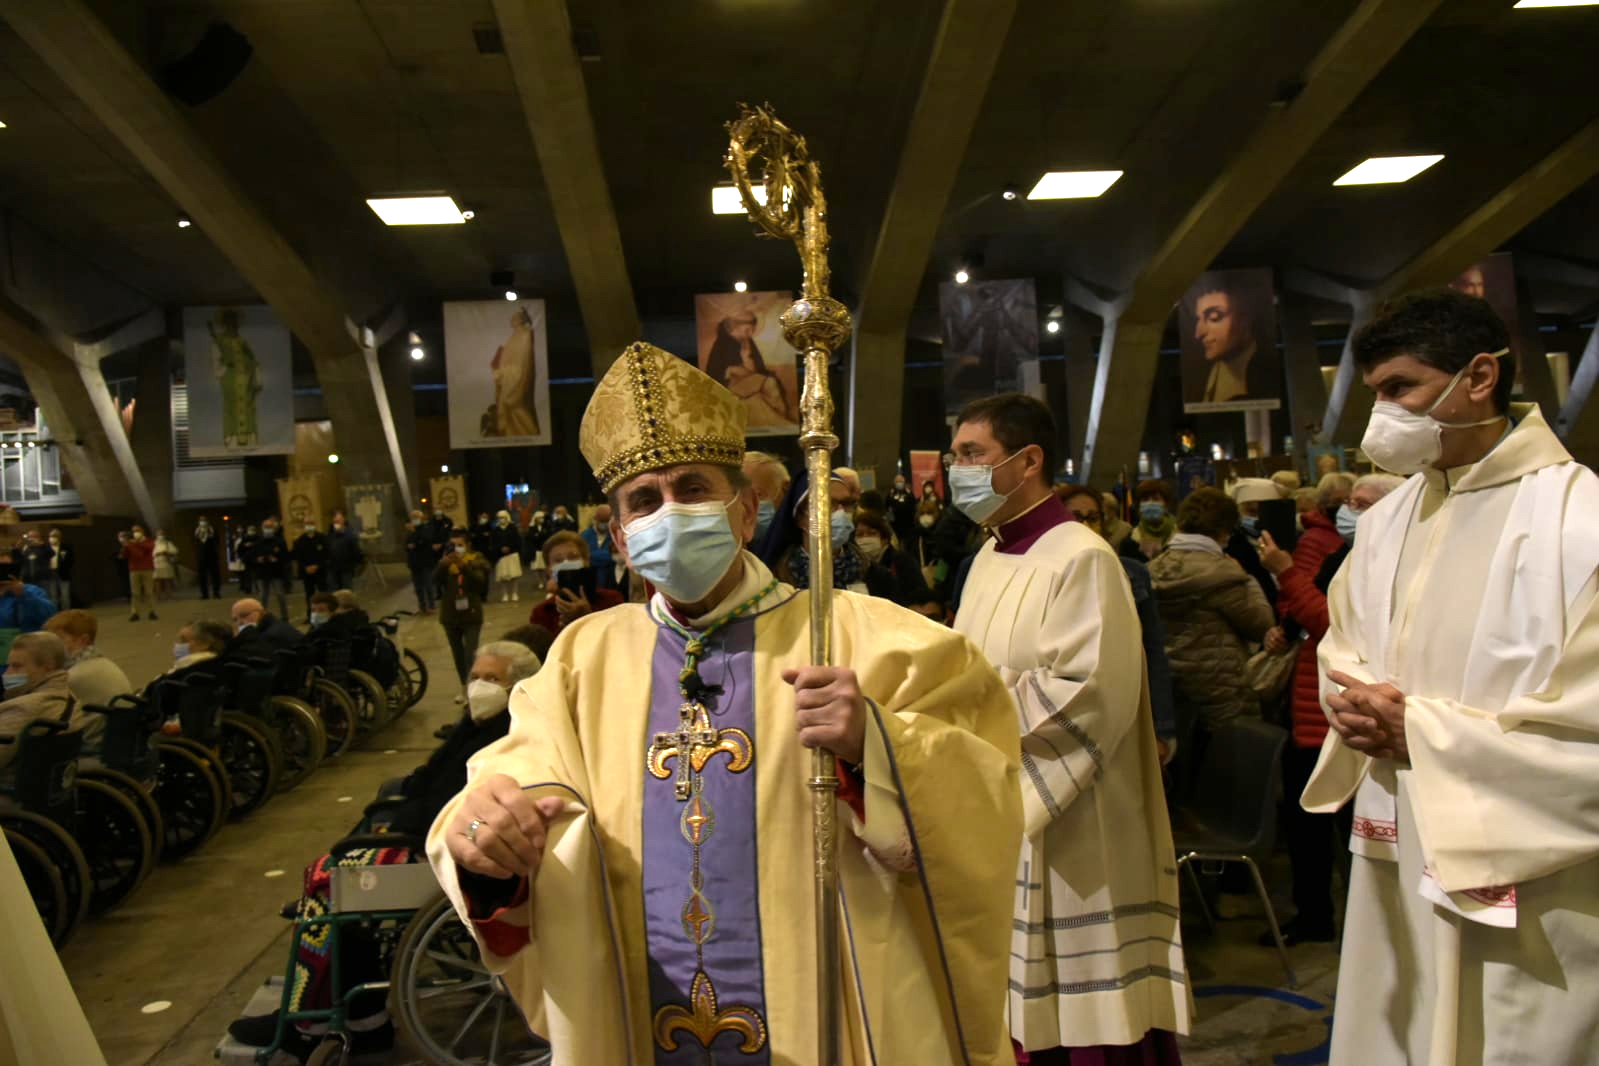 Lourdes. la Messa internazionale in San Pio X (4)